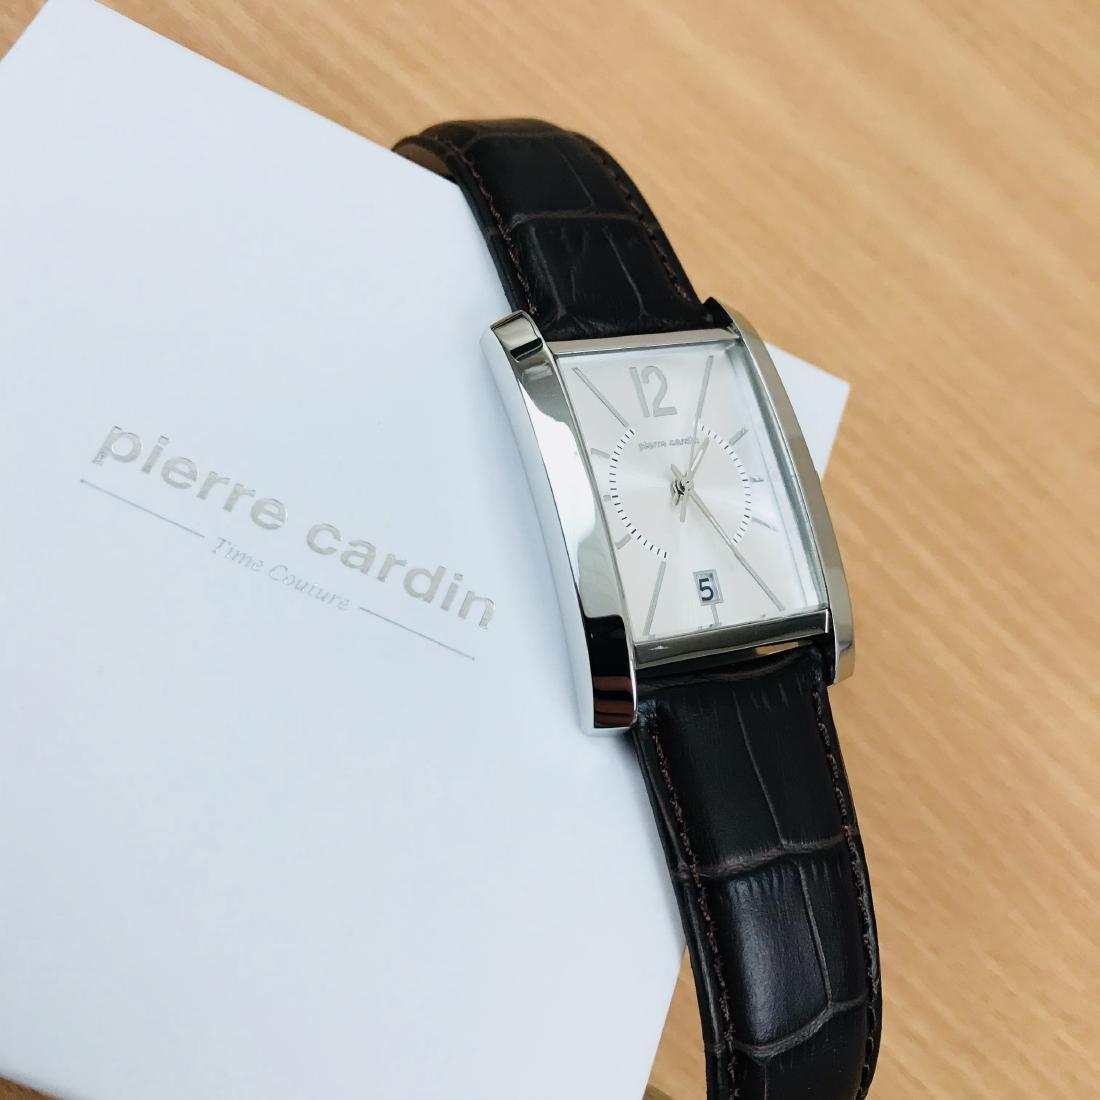 Pierre Cardin – Men's Classic Watch - 4